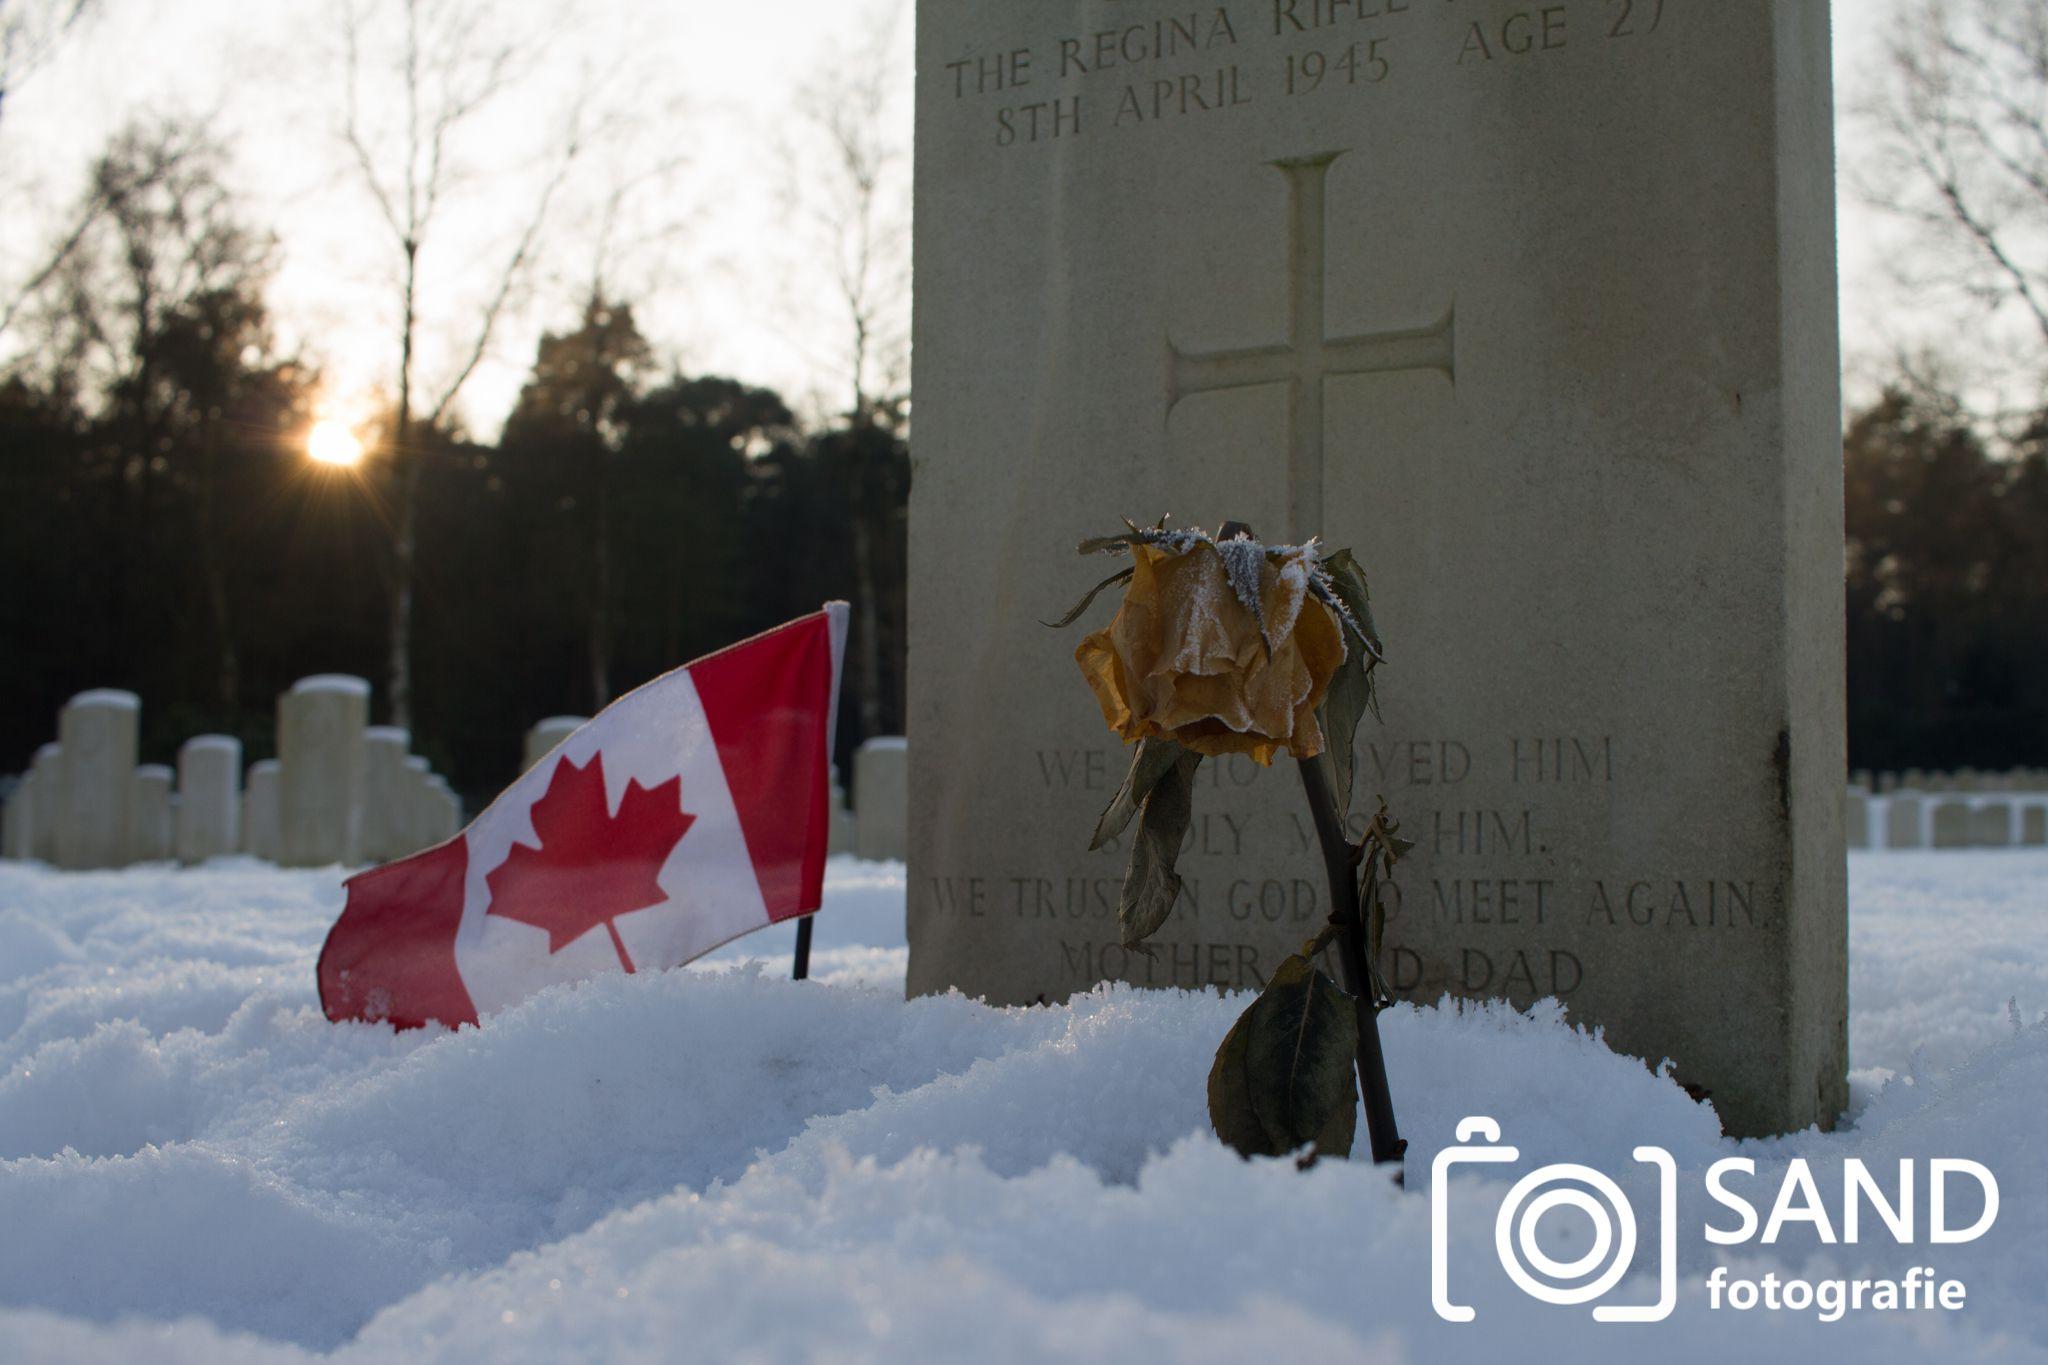 Canadese begraafplaats Holten 2017 Sand Fotografie